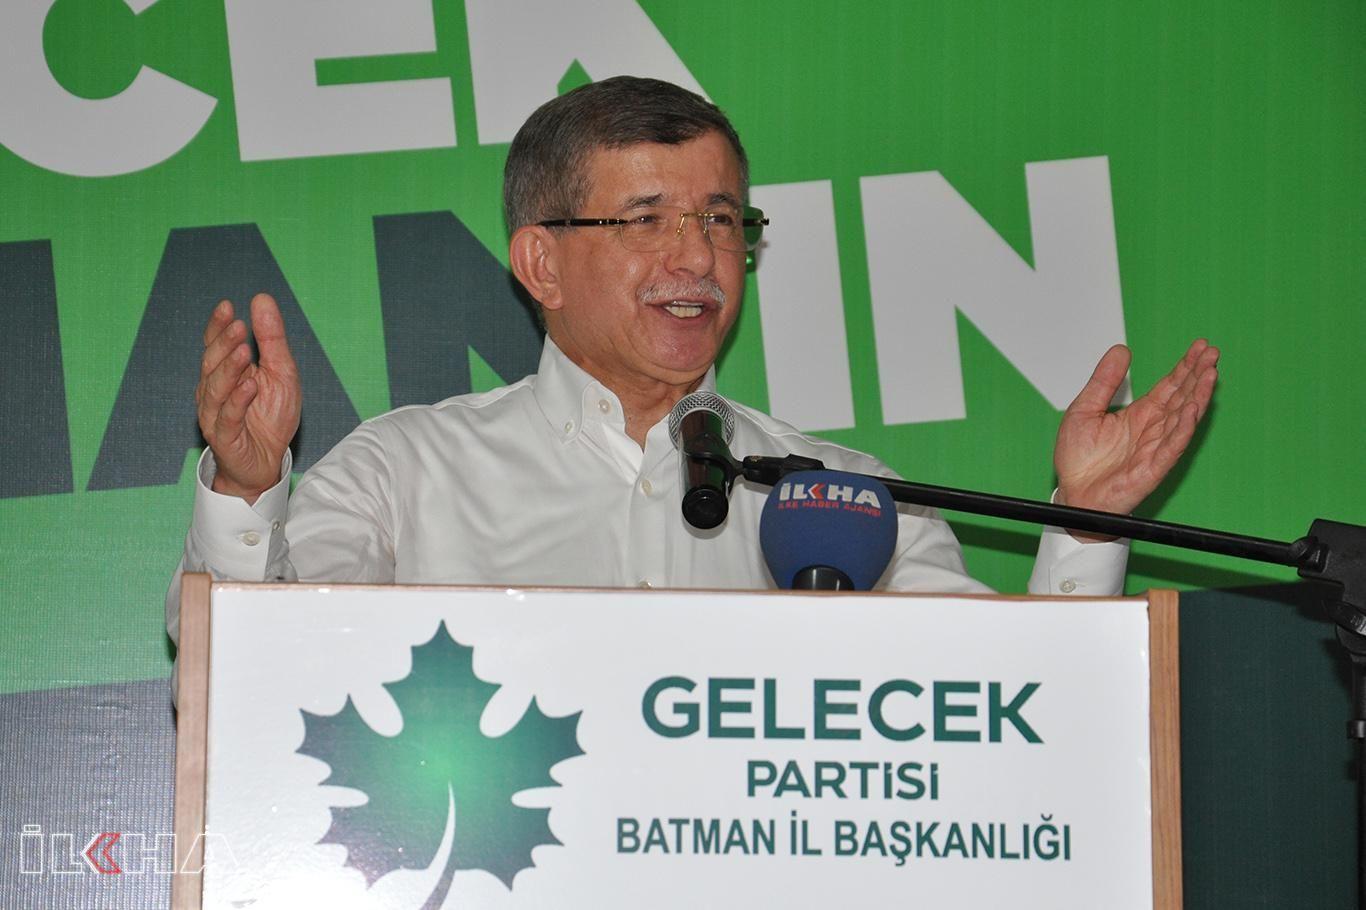 Gelecek Partisi Genel Başkanı Davutoğlu: Eski Türkiye'ye dönüş süreci yaşanıyor